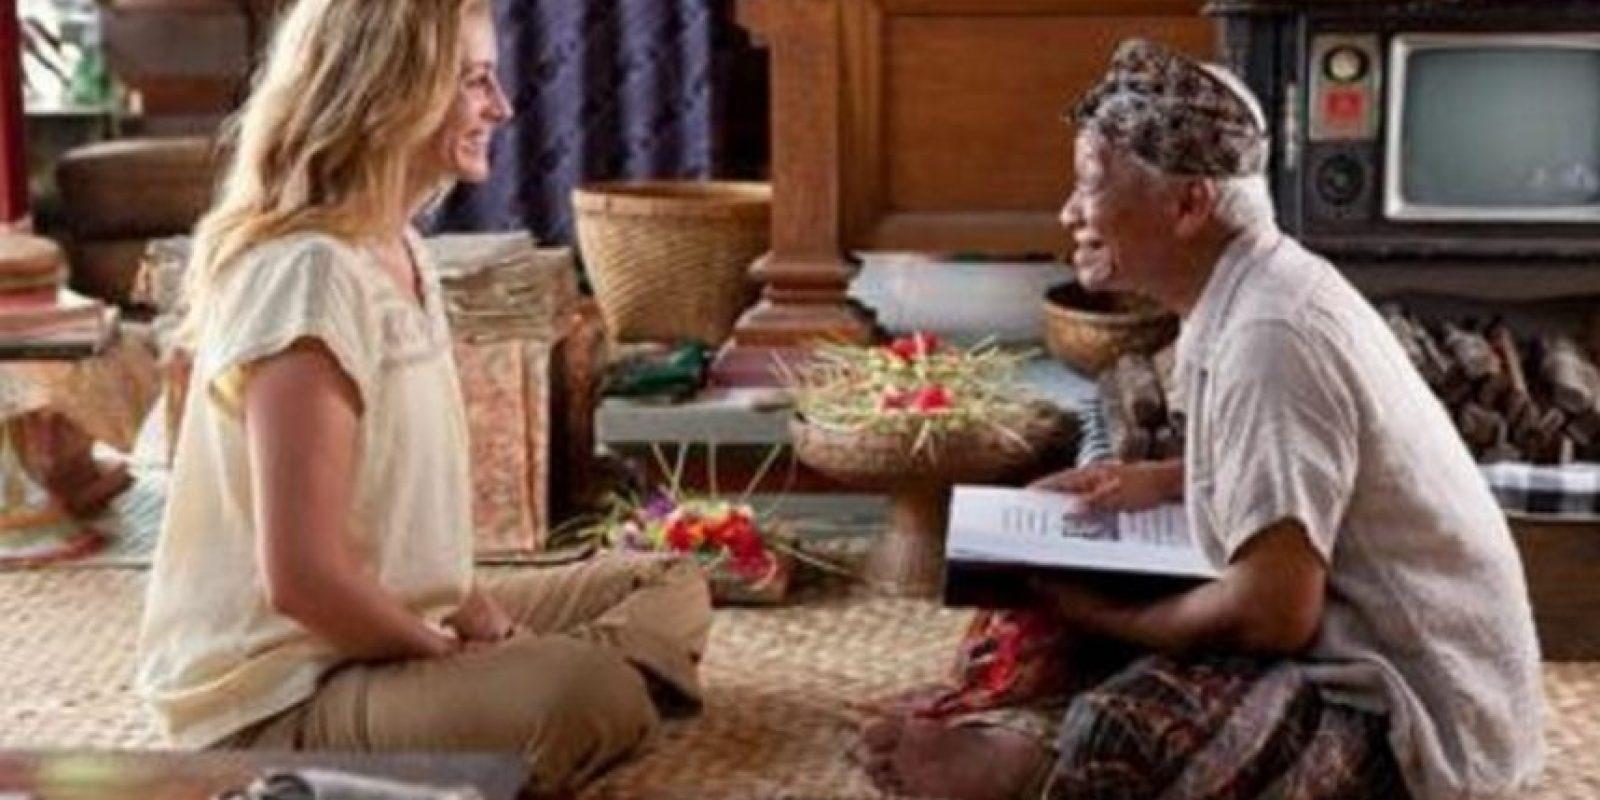 Después de su divorcio, Liz decide rehacer su vida. Así que emprende un viaje por el mundo en busca de buena comida, espiritualidad y amor verdadero. Foto:vía Netflix